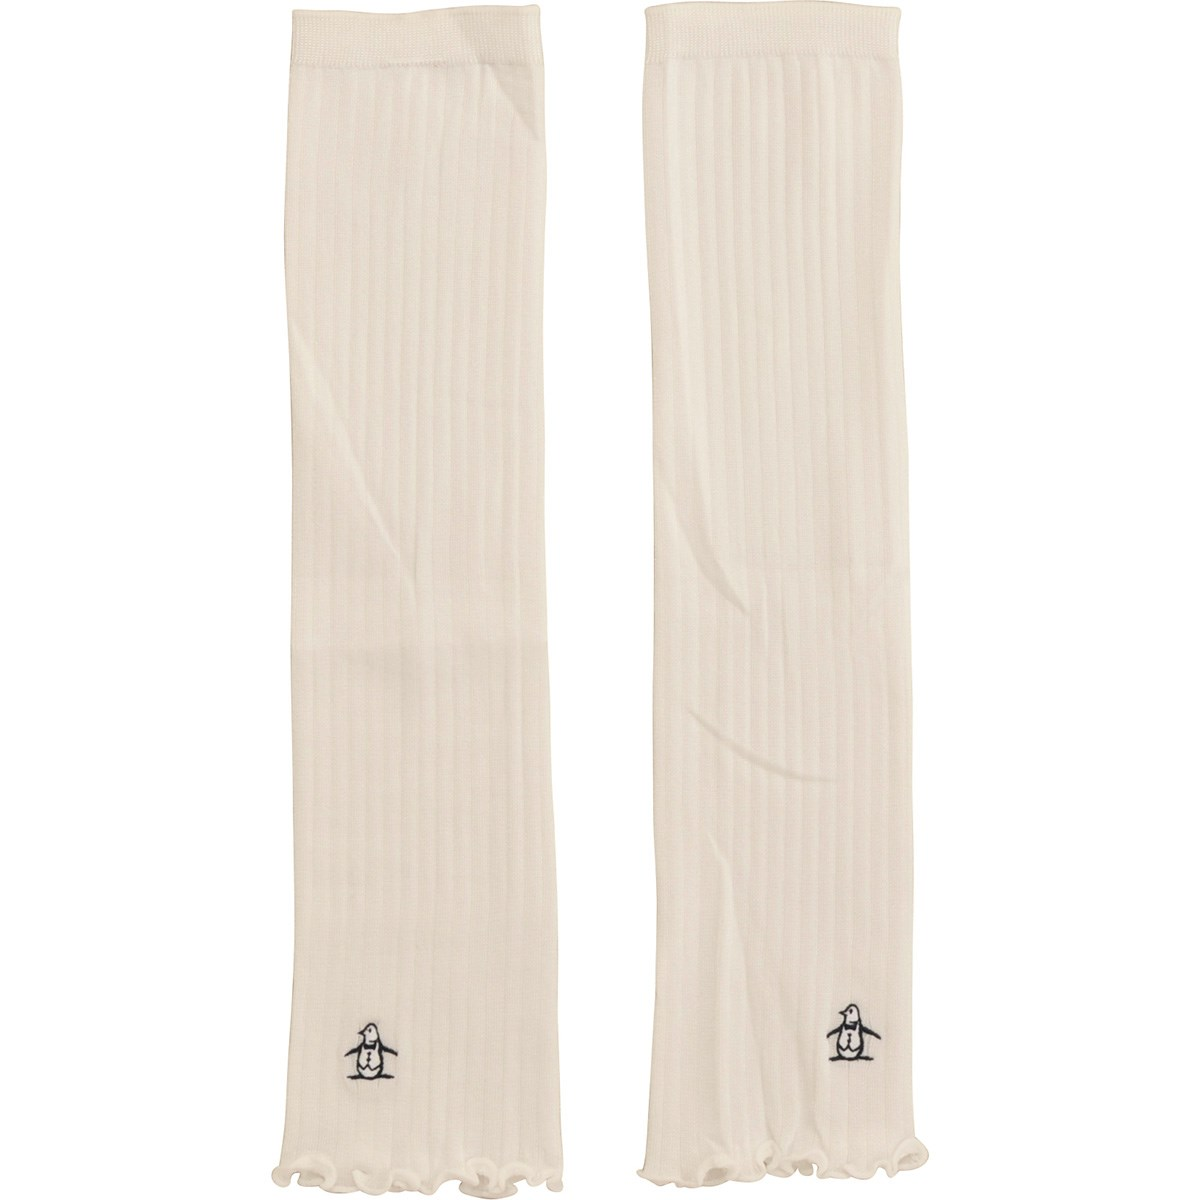 マンシングウェア Munsingwear アームカバー ホワイト 00 レディス